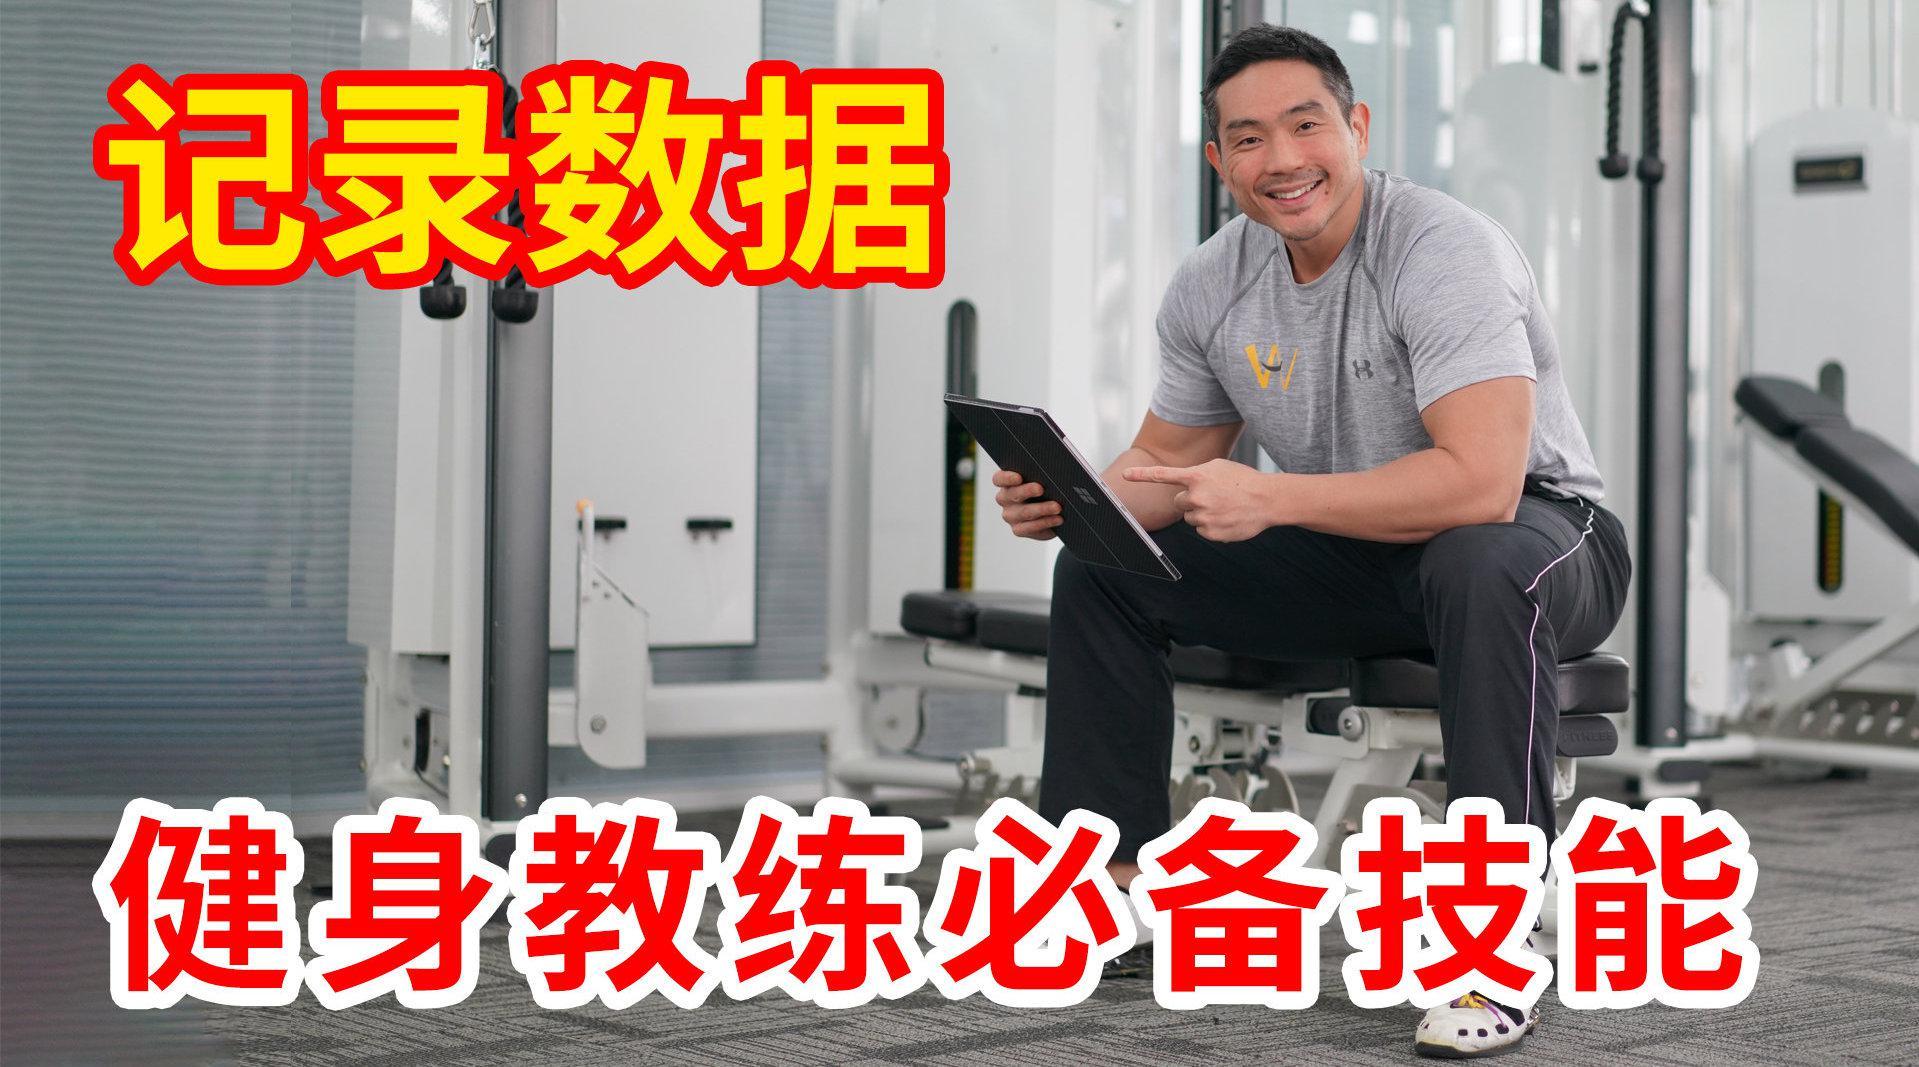 健身教练必备技能之一就是记录用户的健身数据……